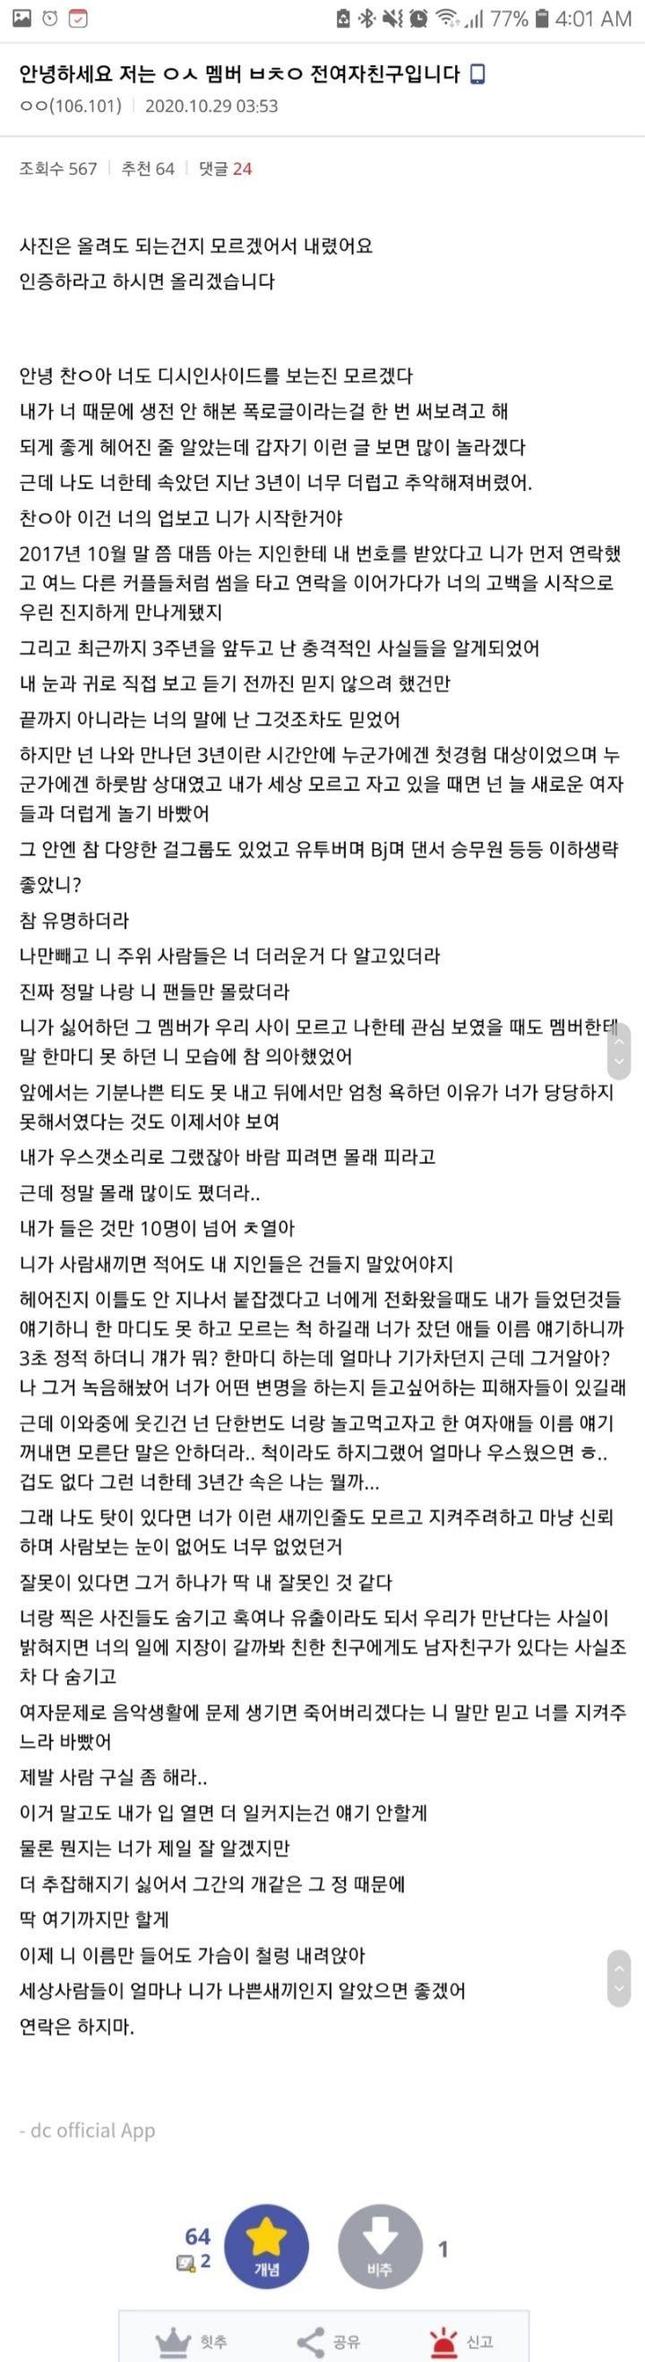 """""""Toàn văn"""" bài đăng gây sốc của cô gái tự xưng là bạn gái cũ của Chanyeol, fan có nên tin? ảnh 2"""